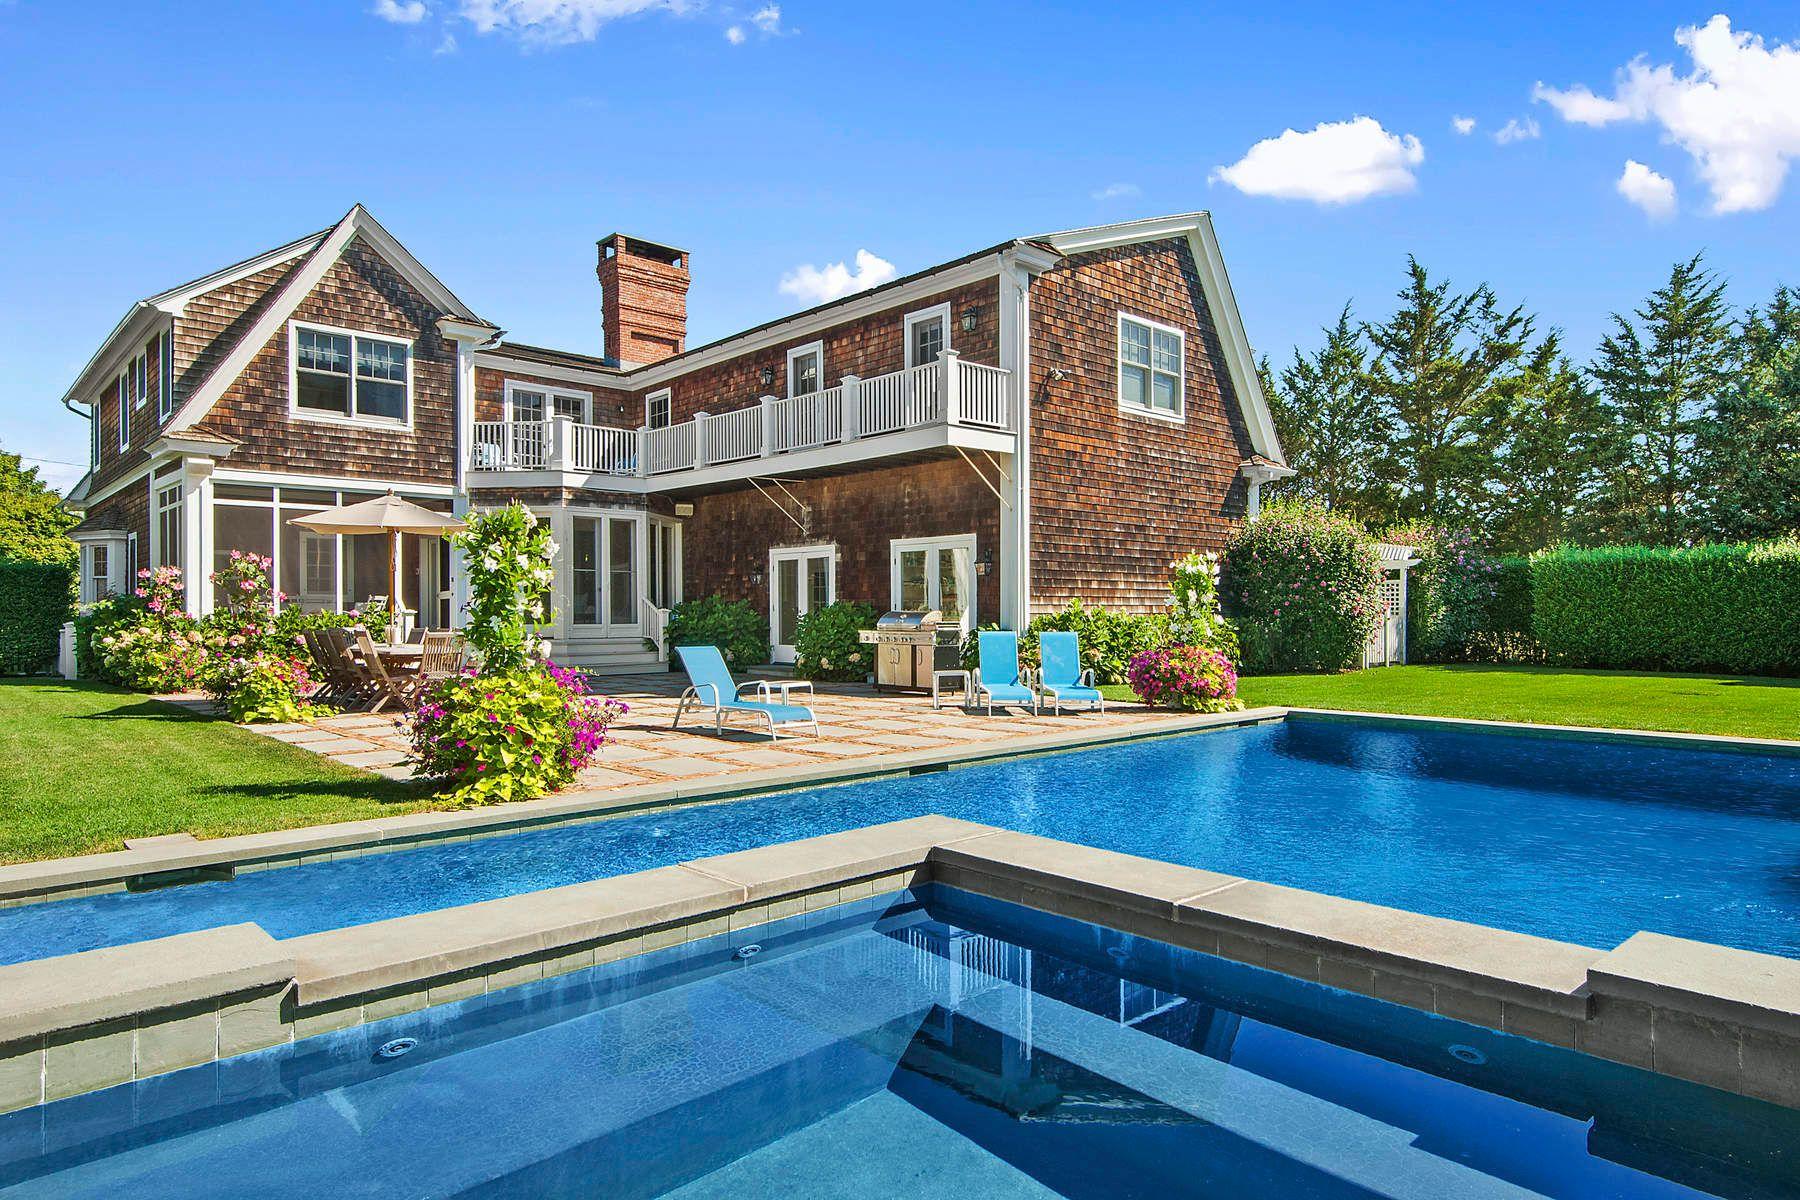 独户住宅 为 销售 在 On The Edge Of Southampton Village 66 Wiltshire Street, 南安普敦, 纽约州, 11968 美国